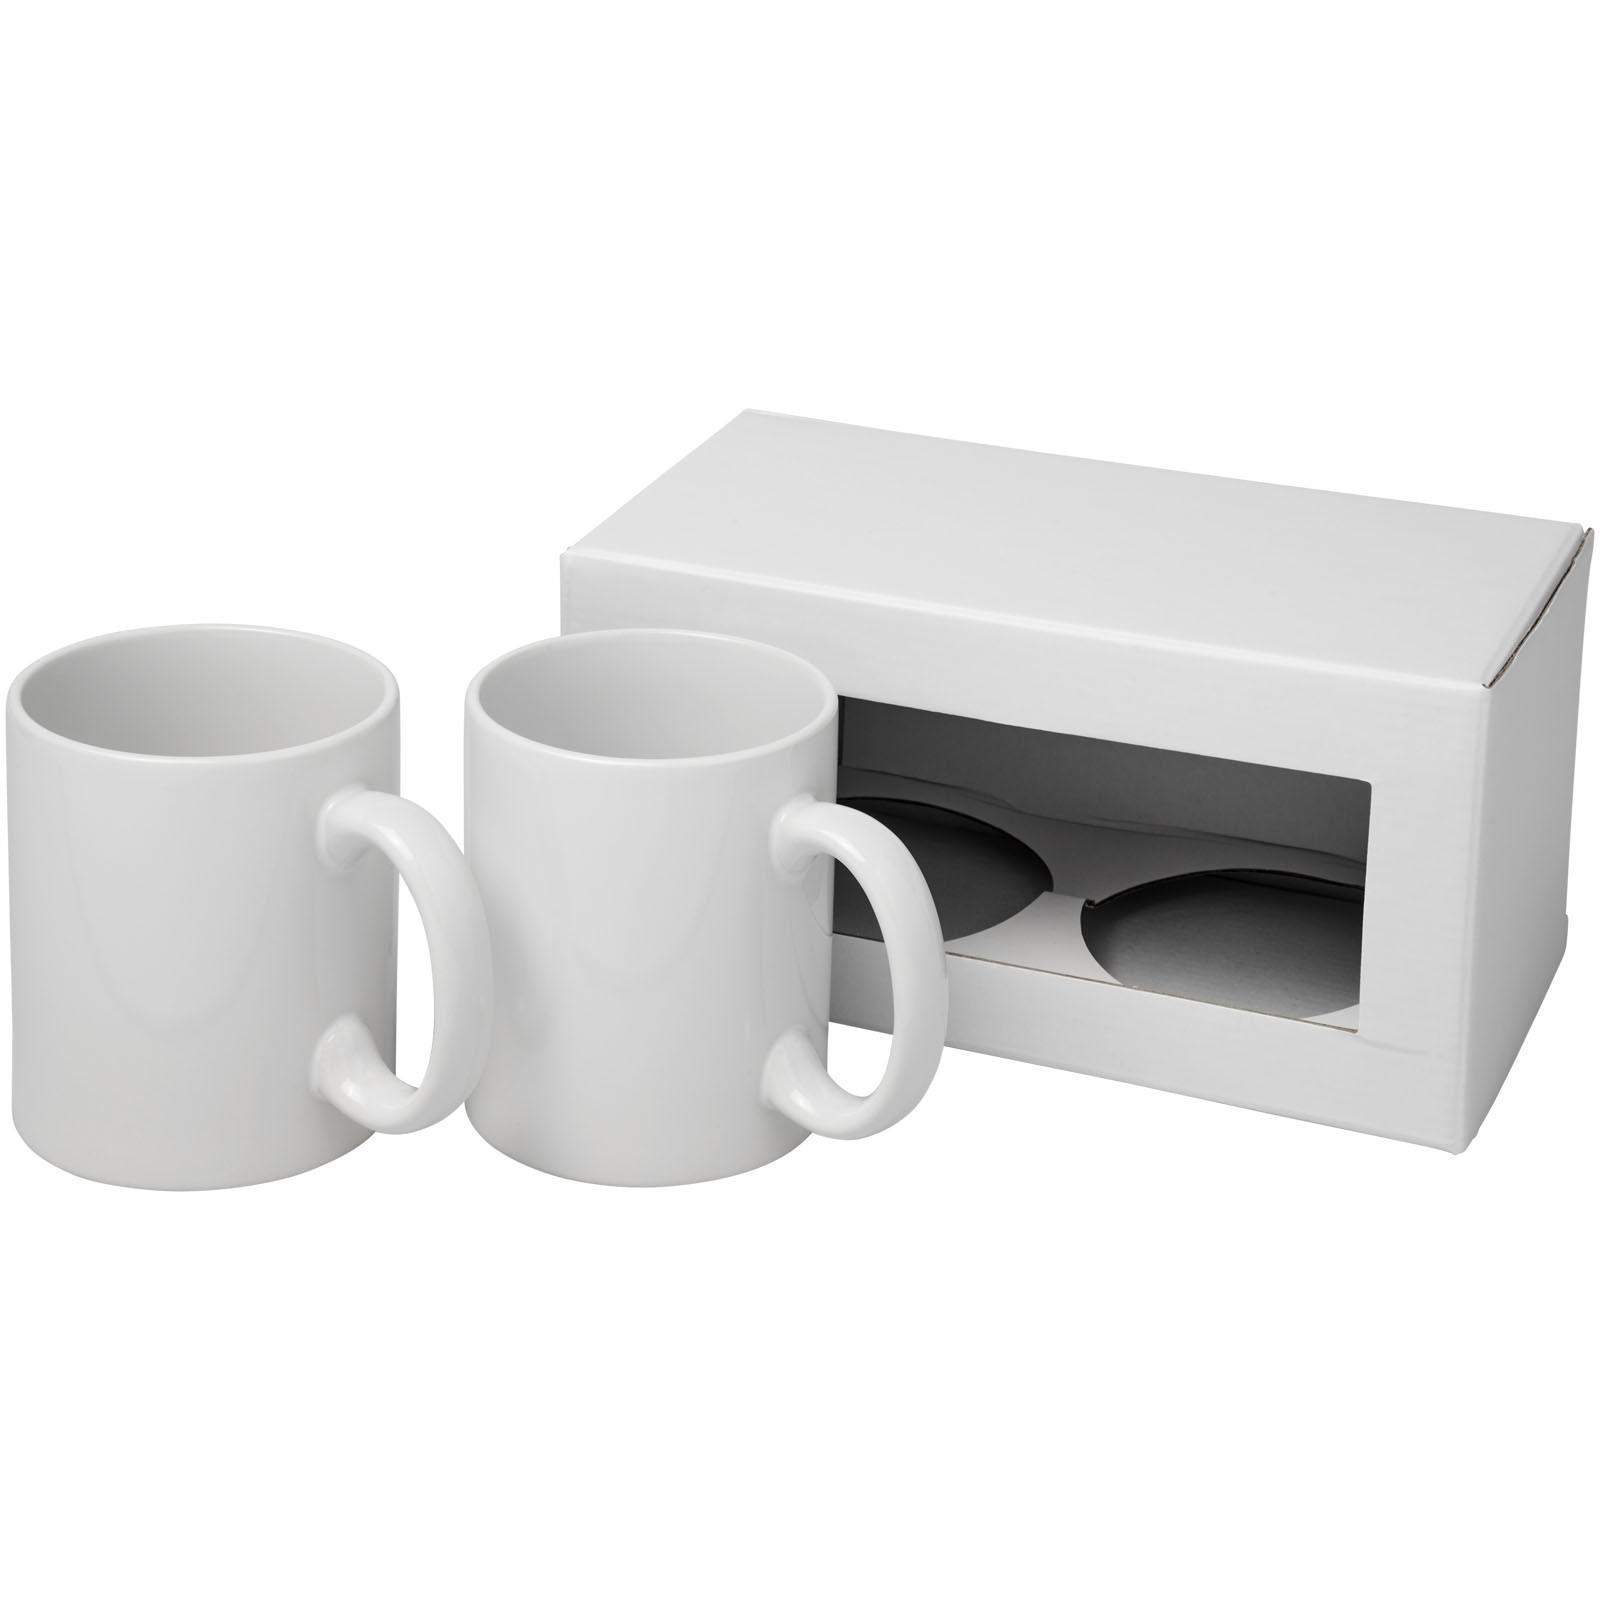 Ceramic sublimation mug 2-pieces gift set - White